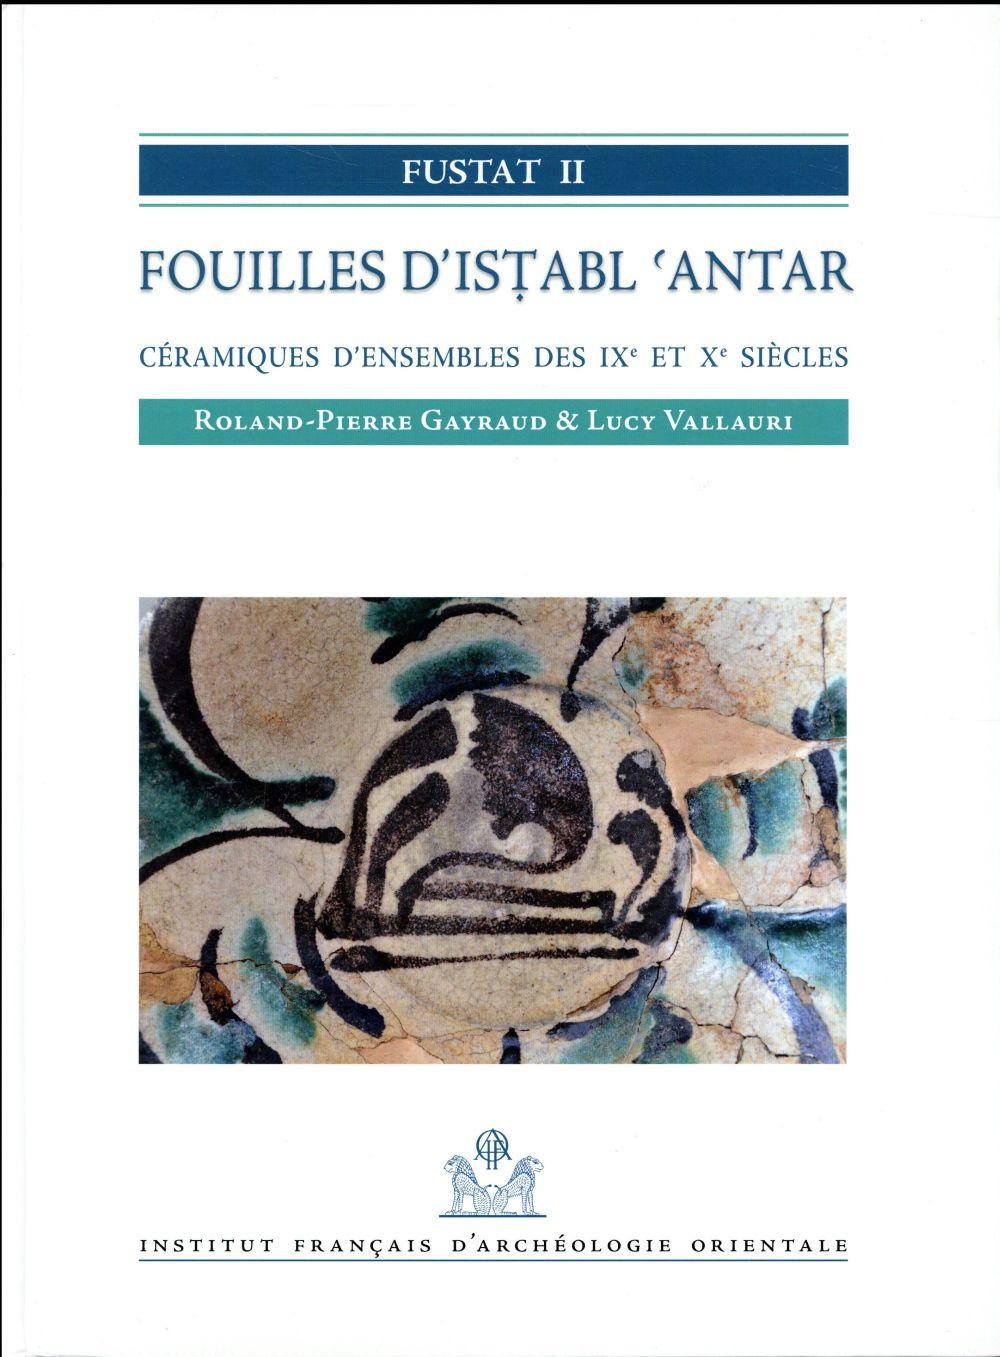 FUSTAT II. FOUILLES D'ISTABL'ANTAR